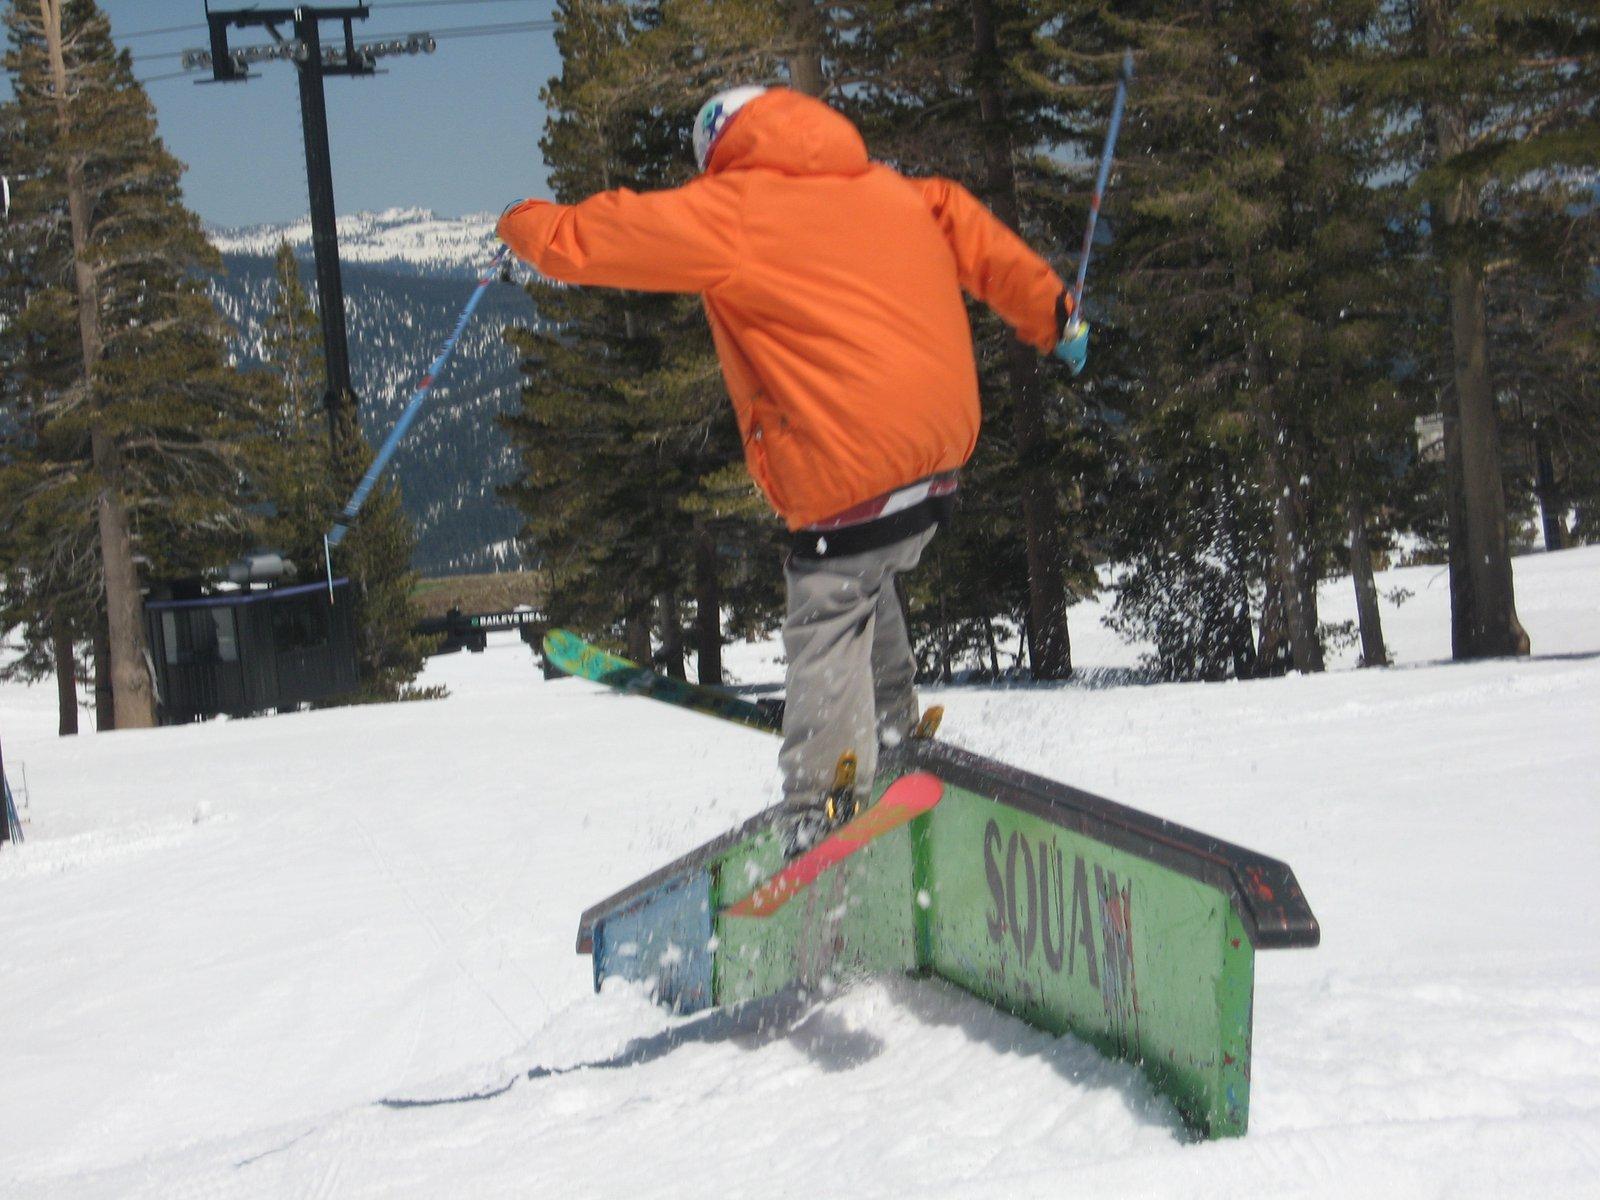 Ski slide to failll